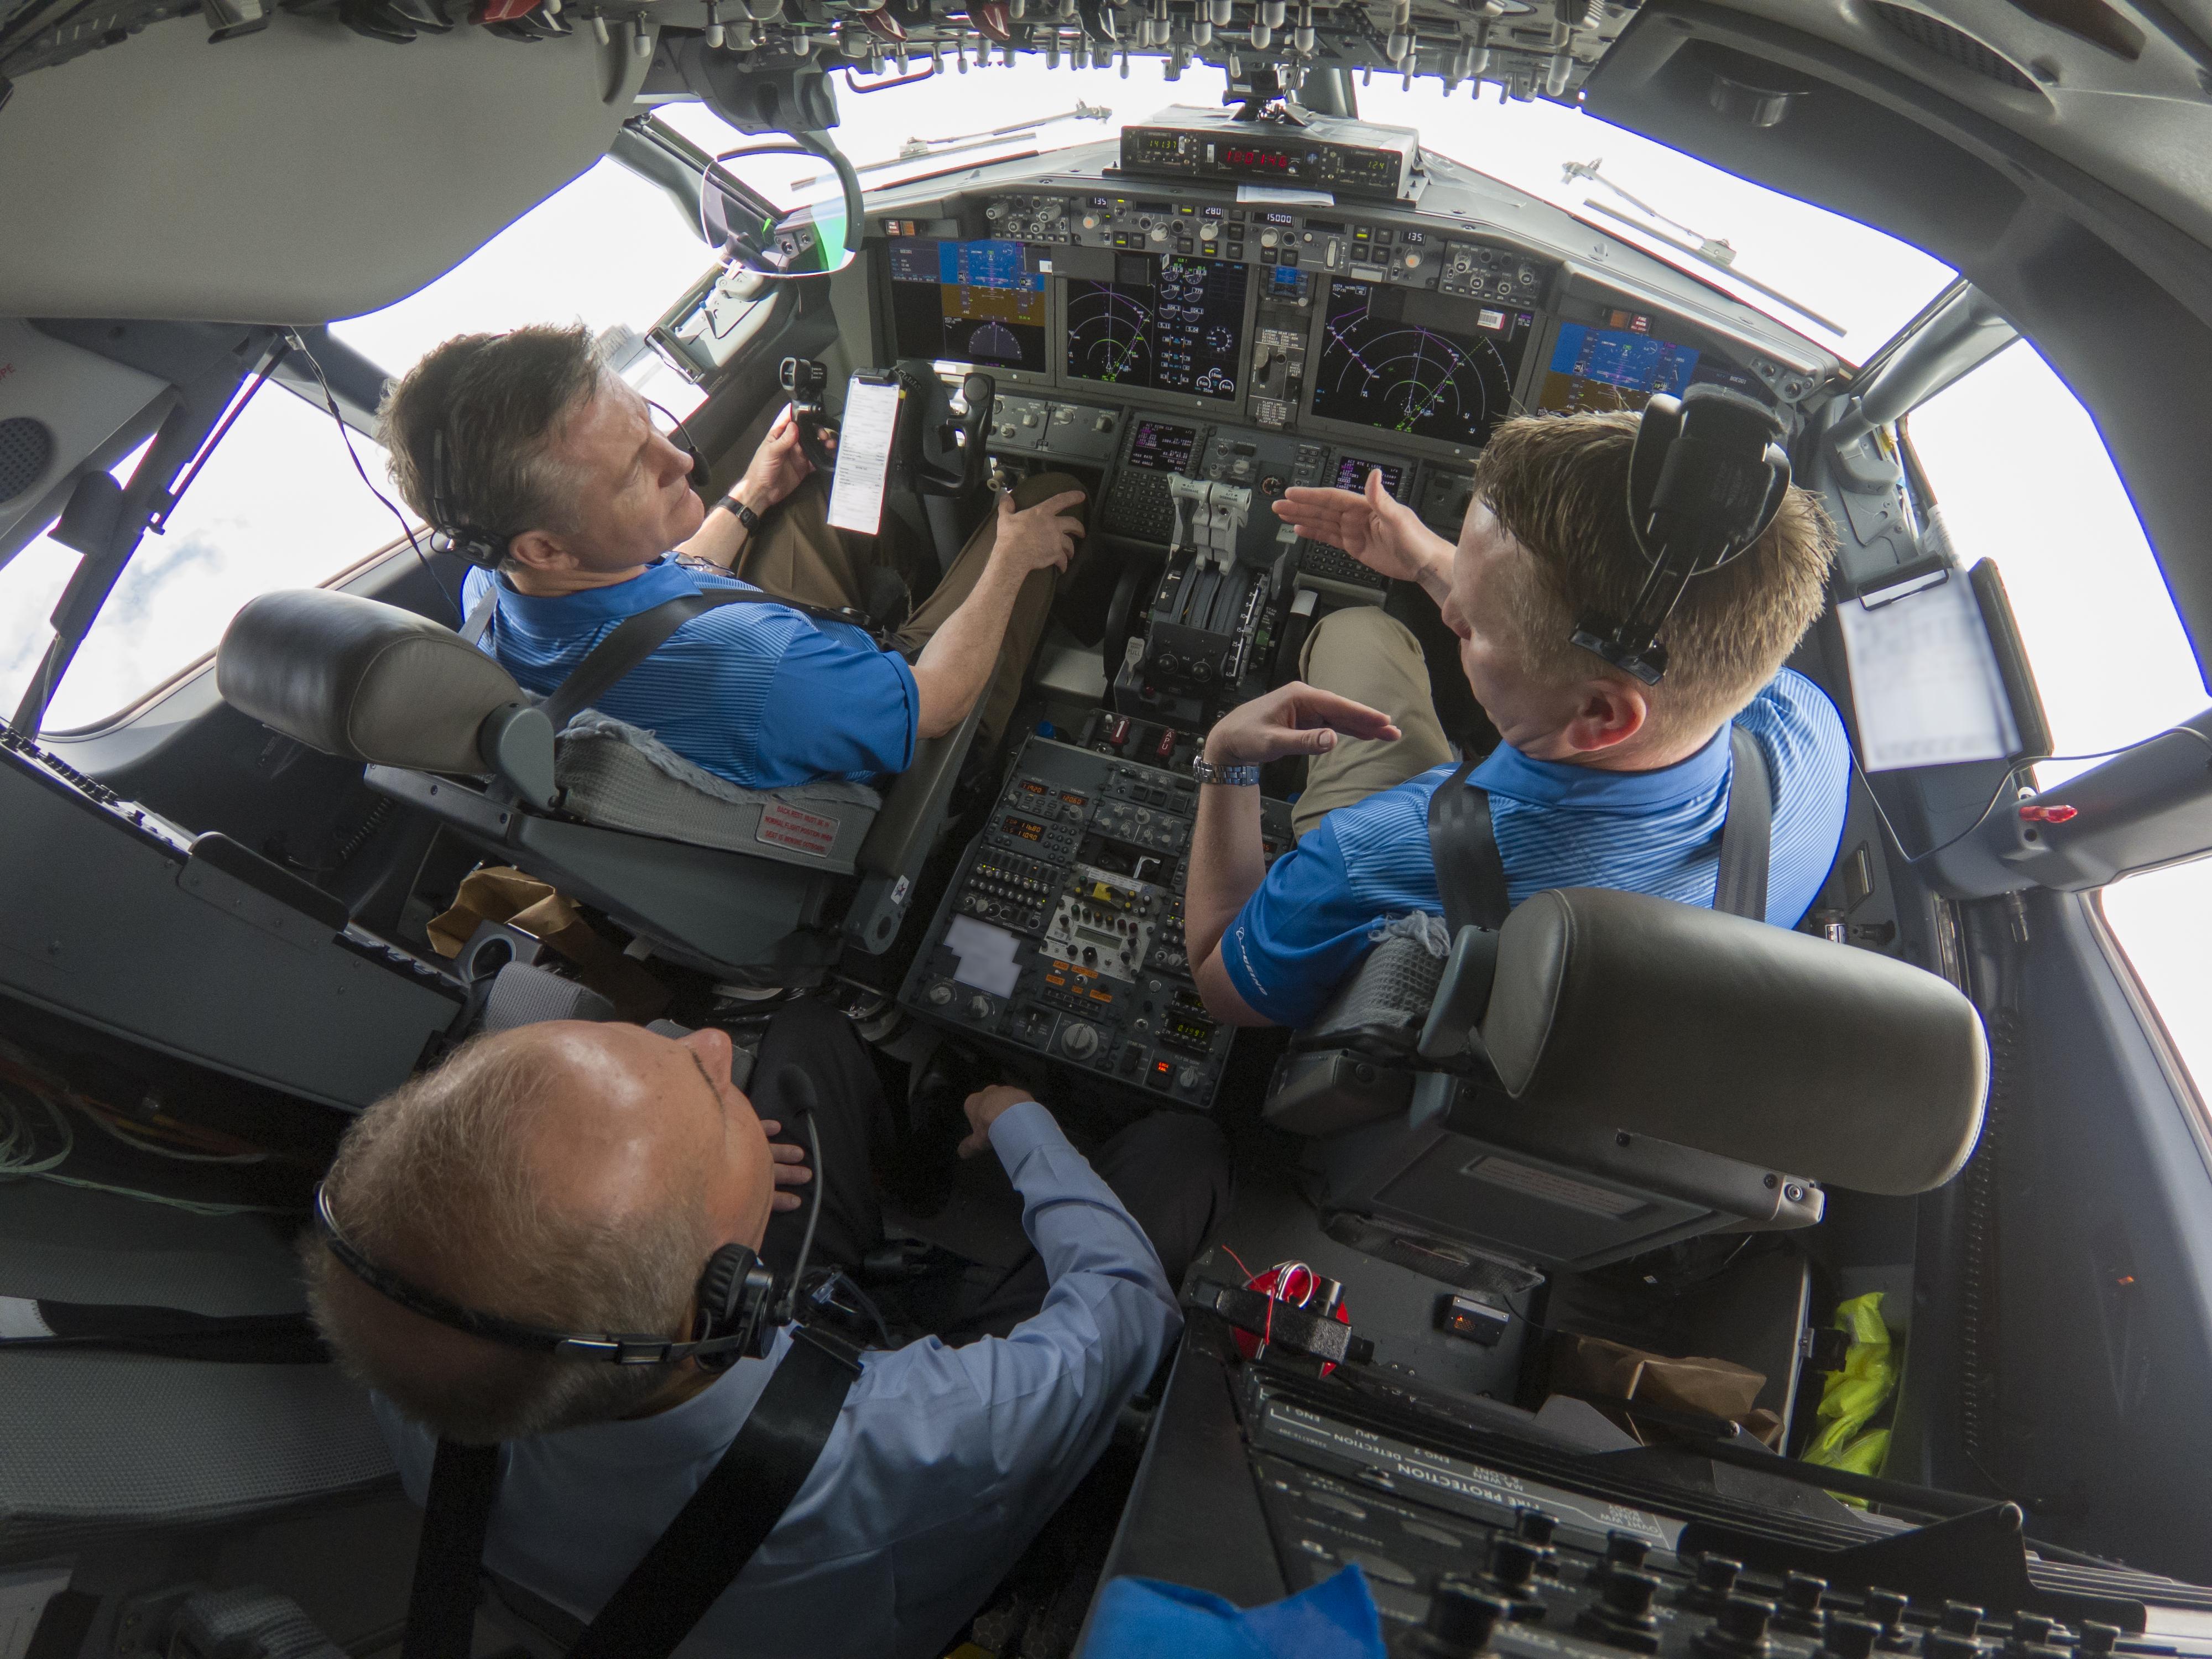 A Boeing alkalmazottai szerint bohócok tervezték a lezuhant repülőgépeiket